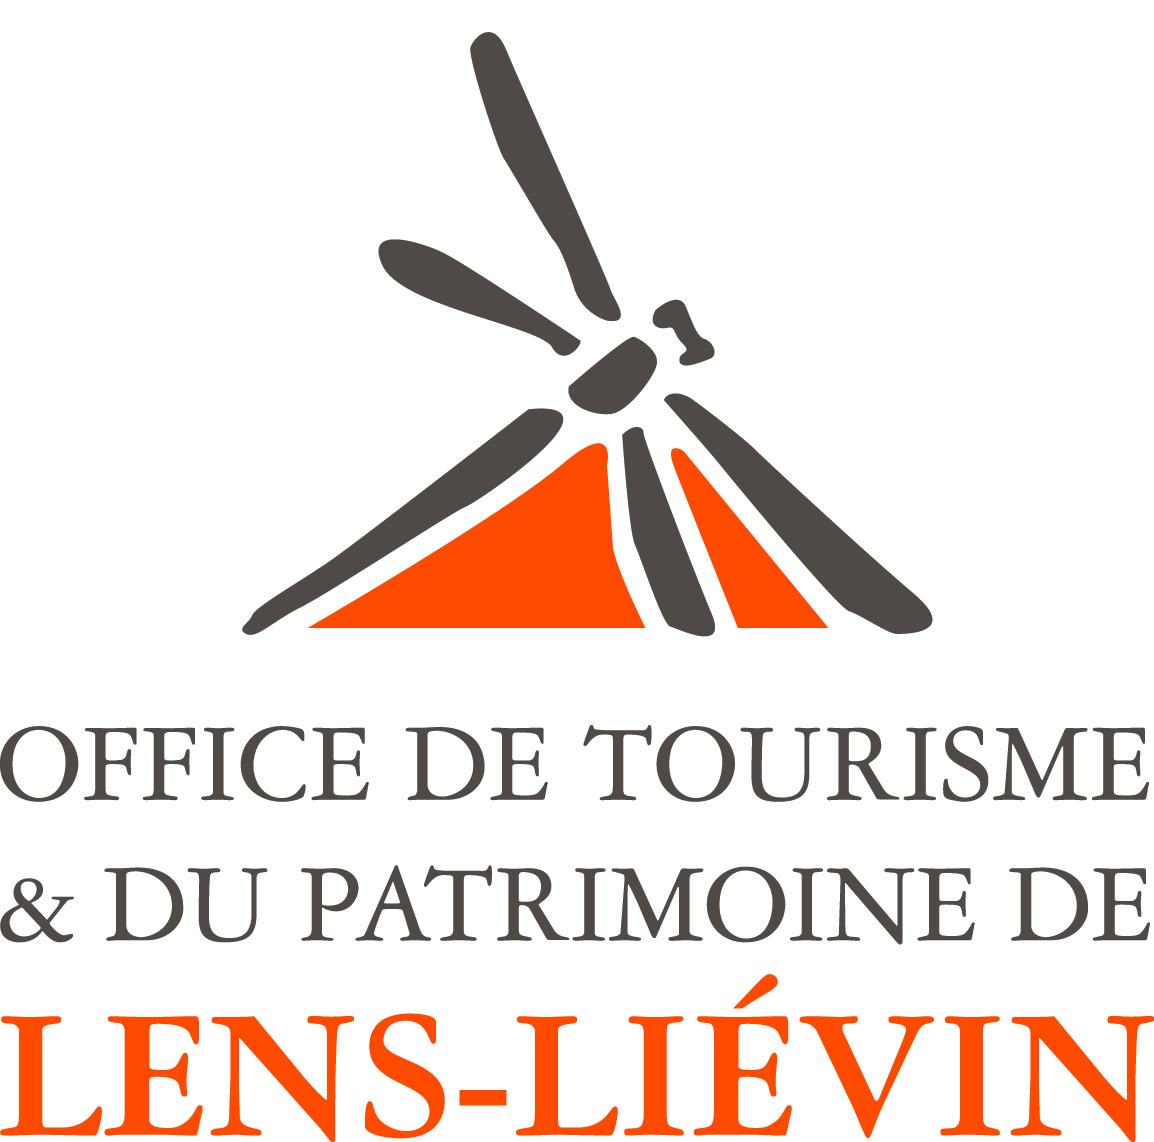 office de tourisme emploi